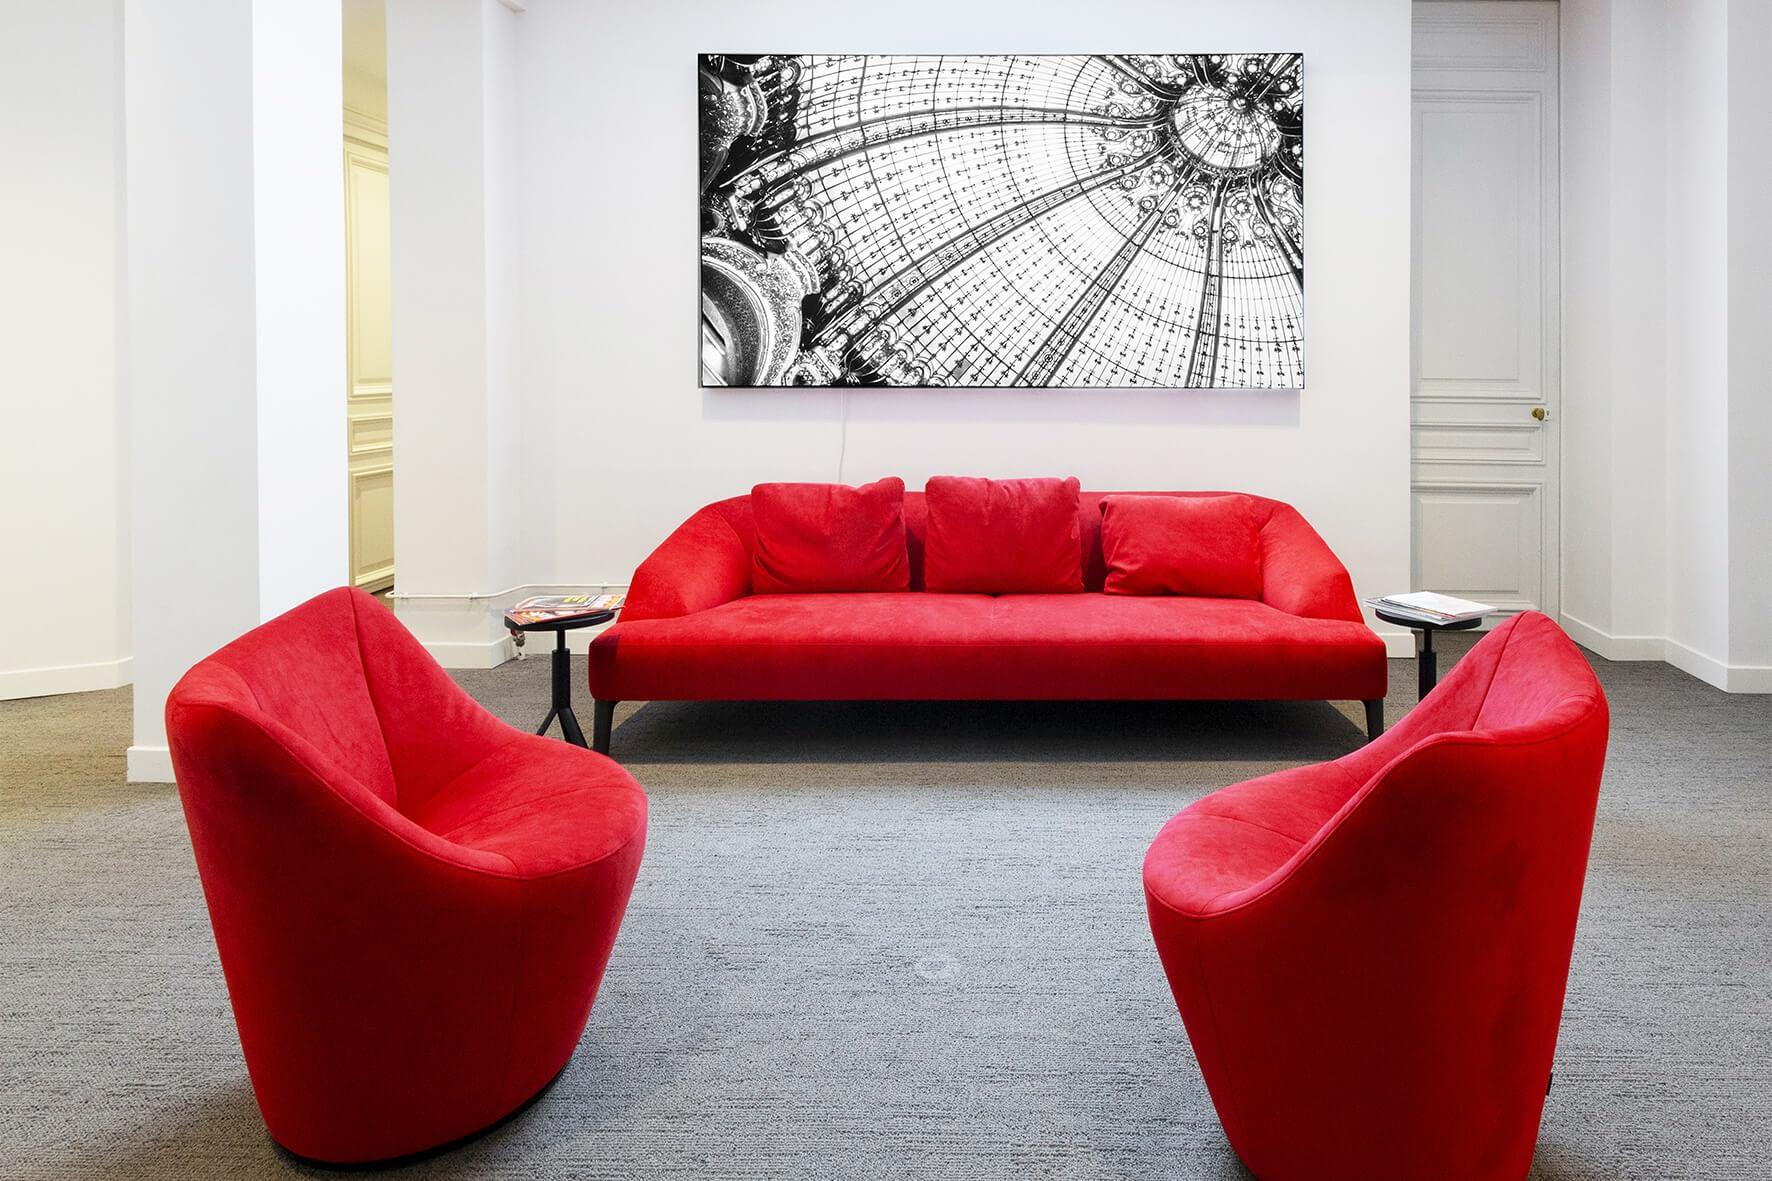 Vente et installation de photographies d'art Pixopolitan pour le cabinet d'expertise comptable Monceau Experts.